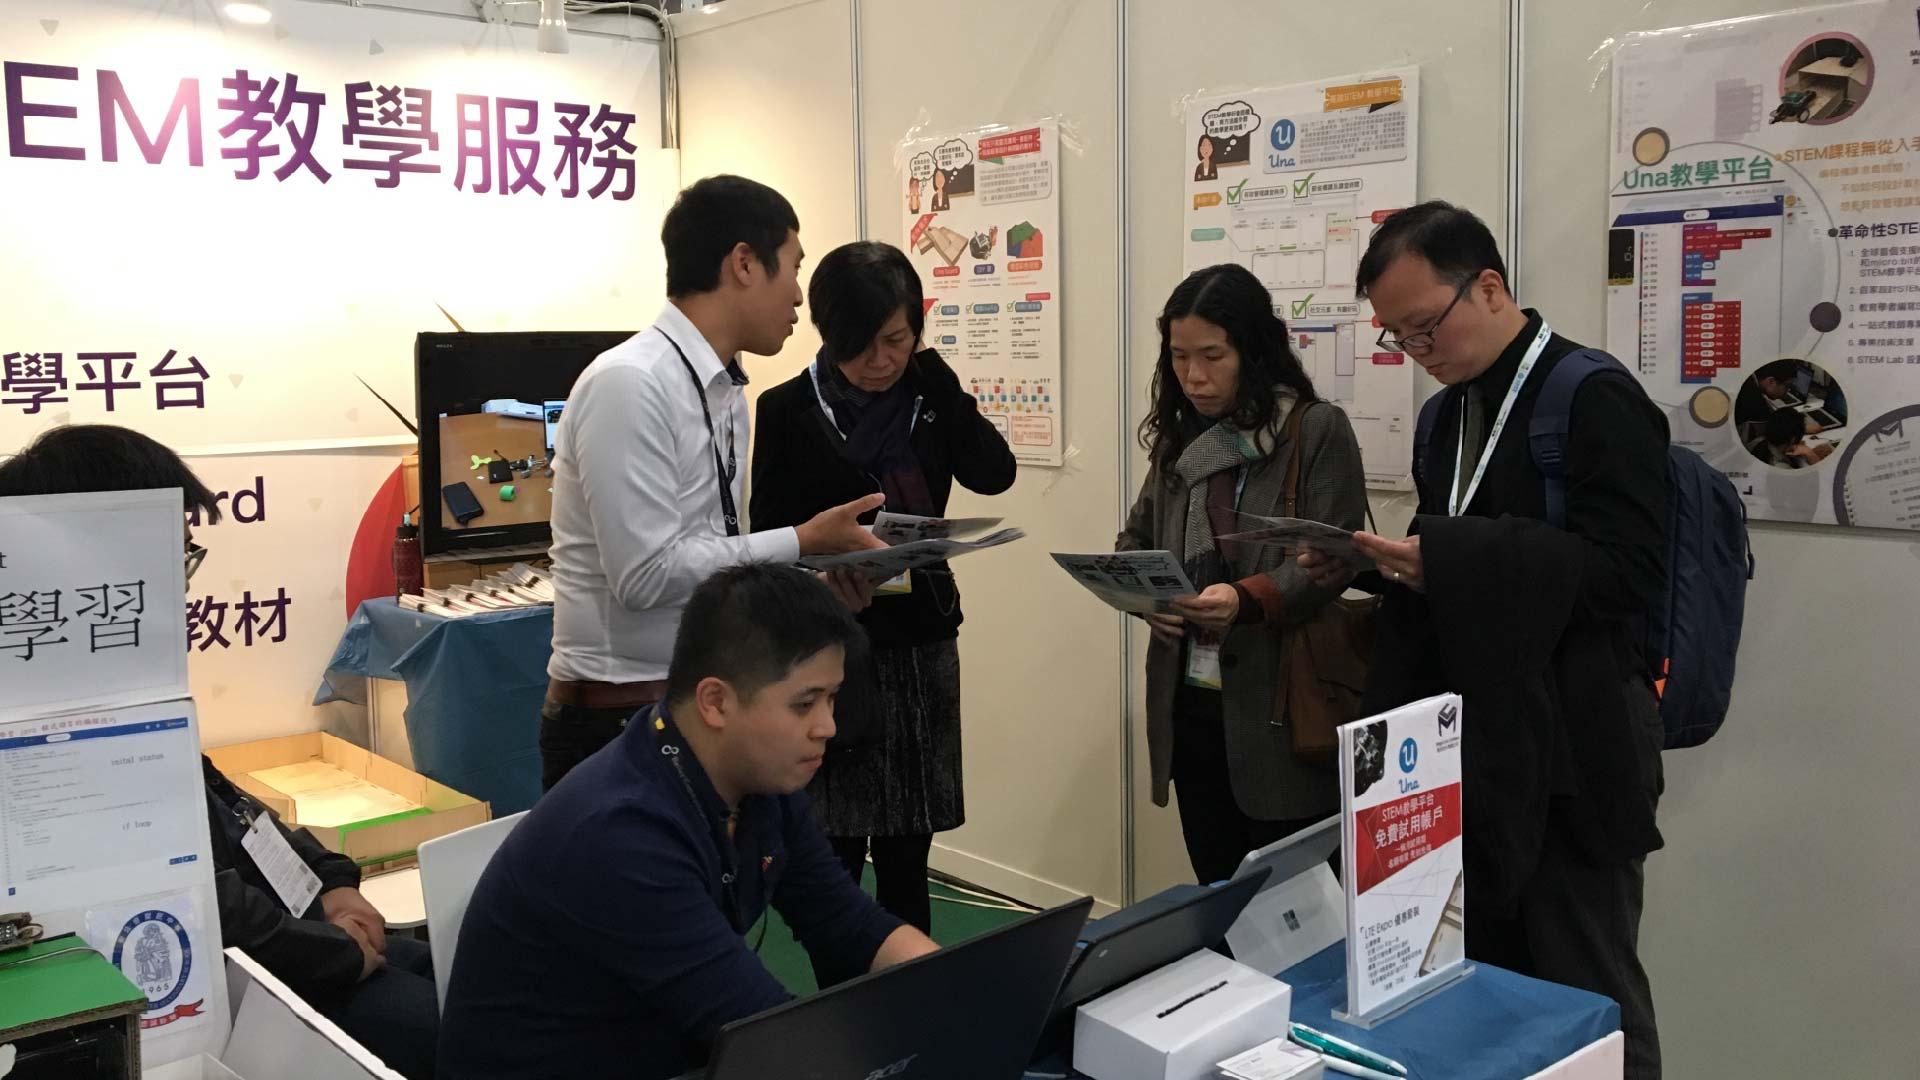 Learning-Teaching-Expo-2018-4.jpg